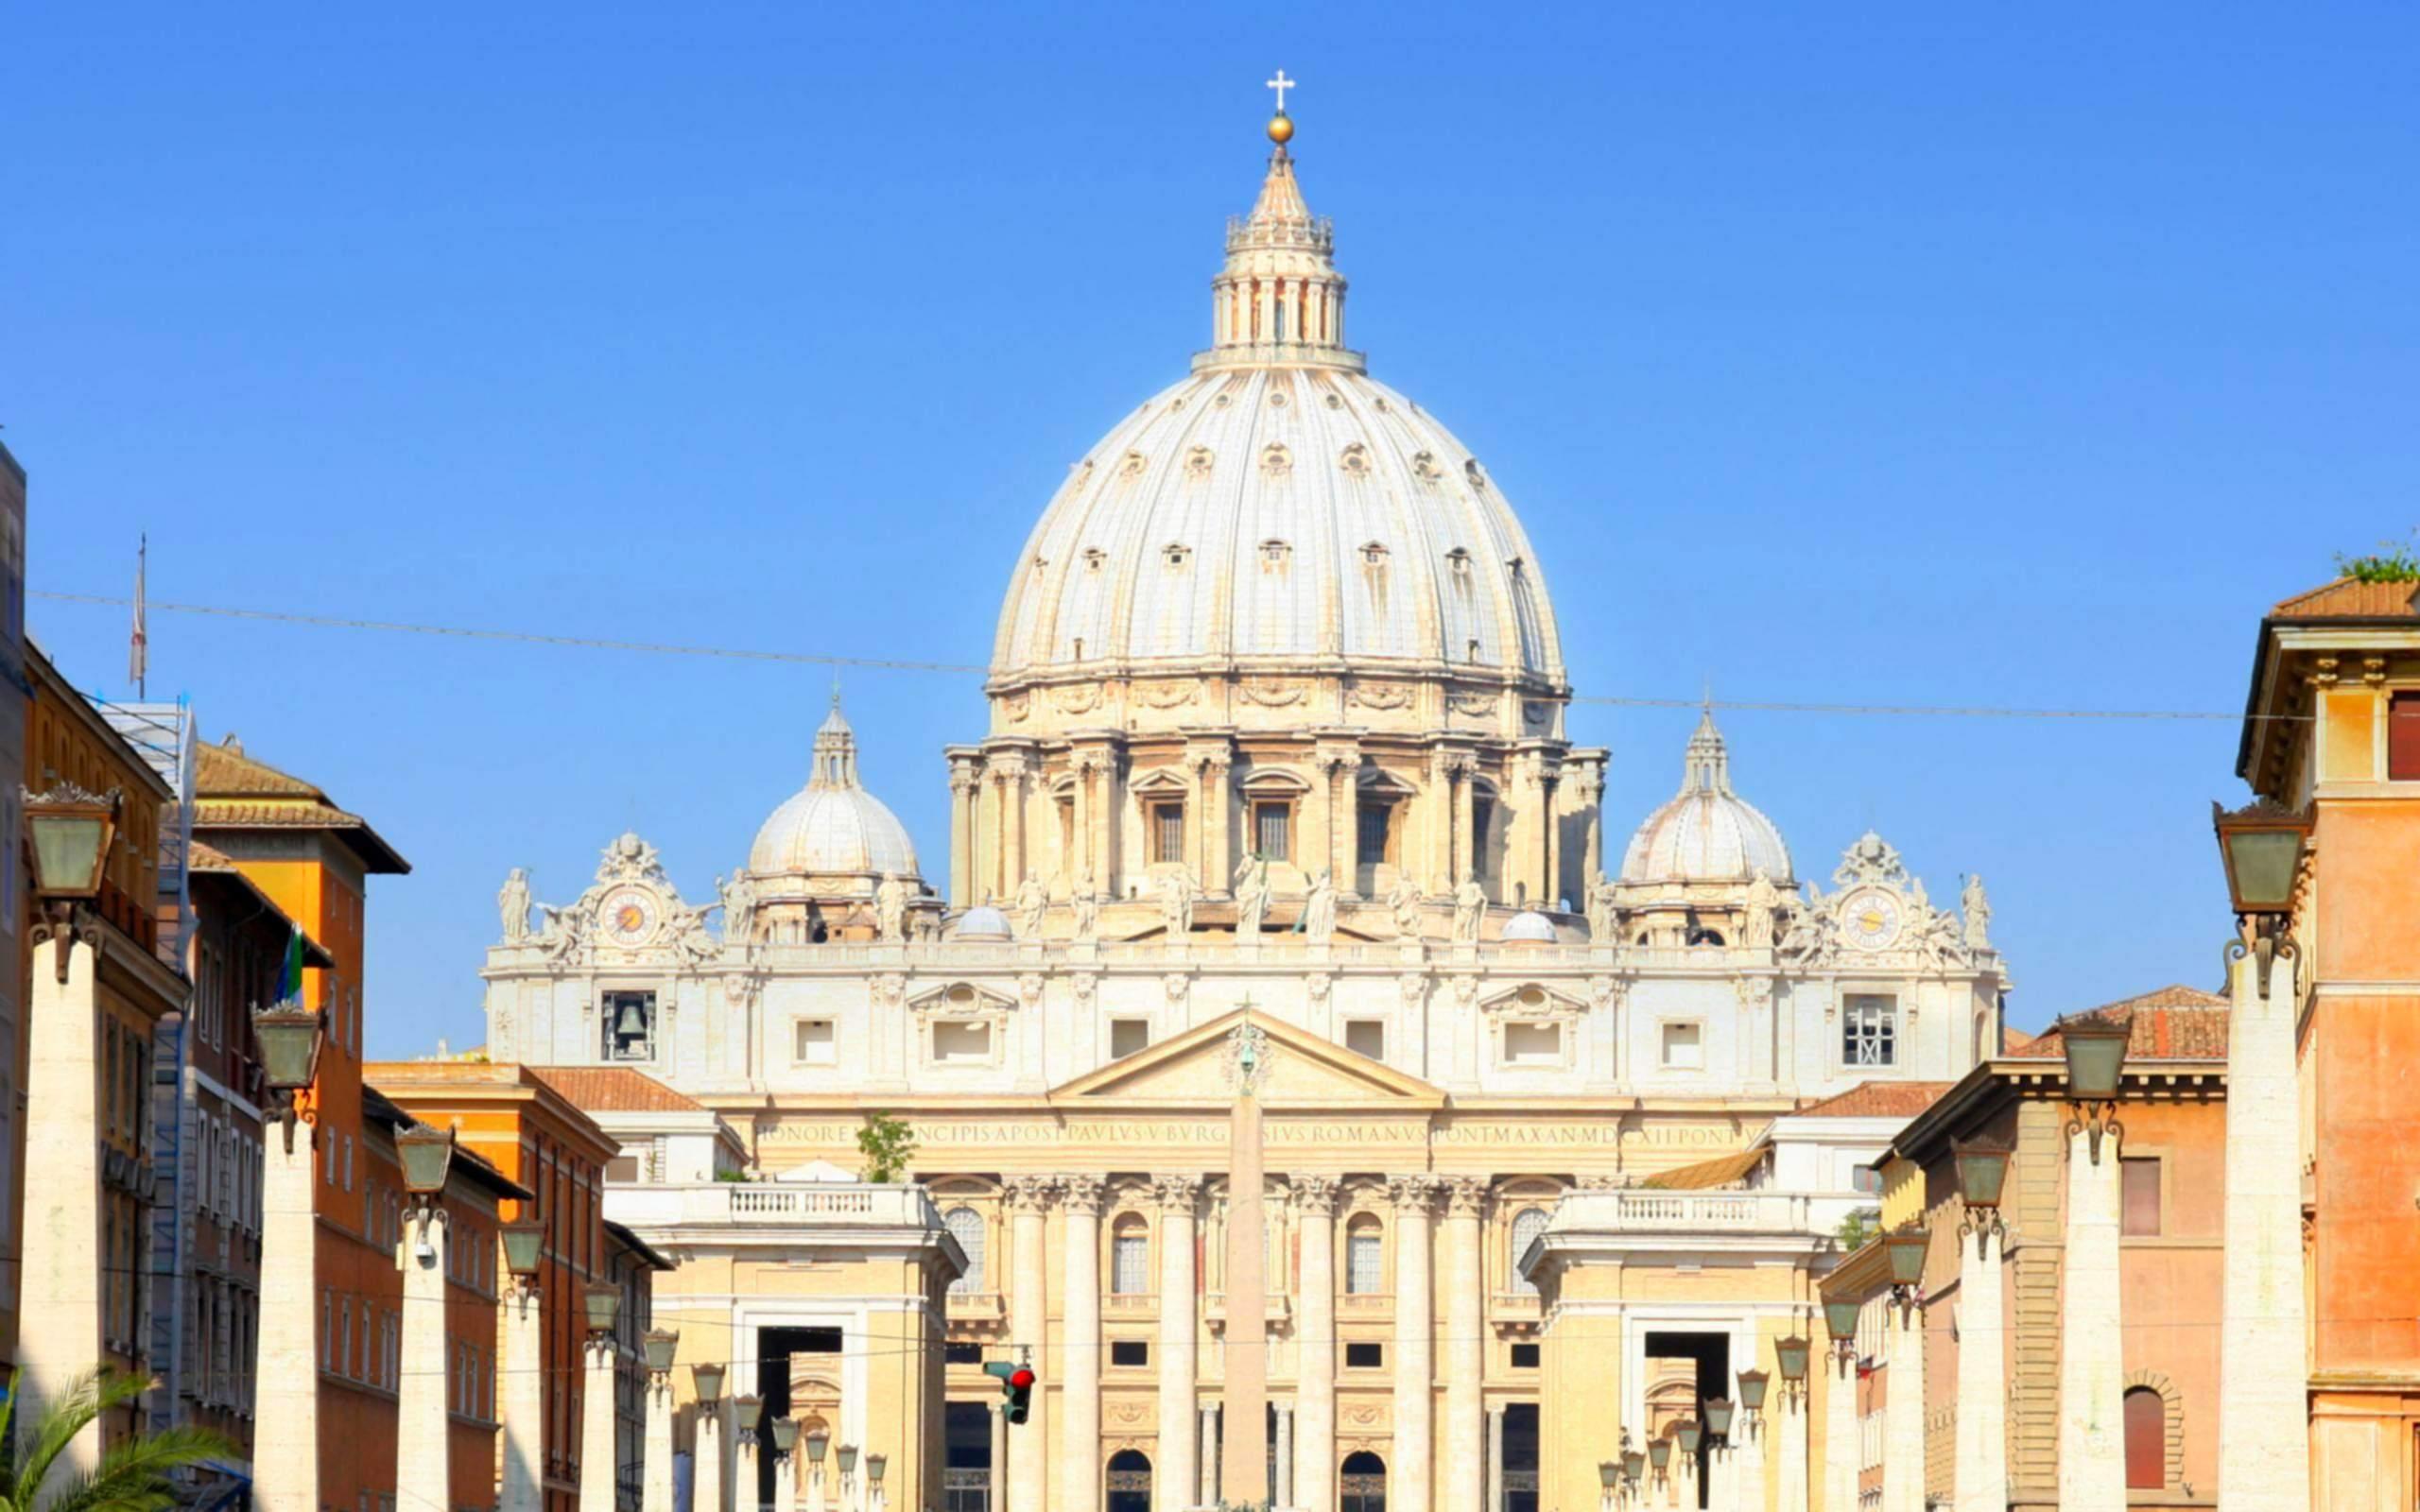 Perso contro pallettaro: tiravo più lungo del solito - Pagina 2 Basilica-di-San-Pietro-Roma